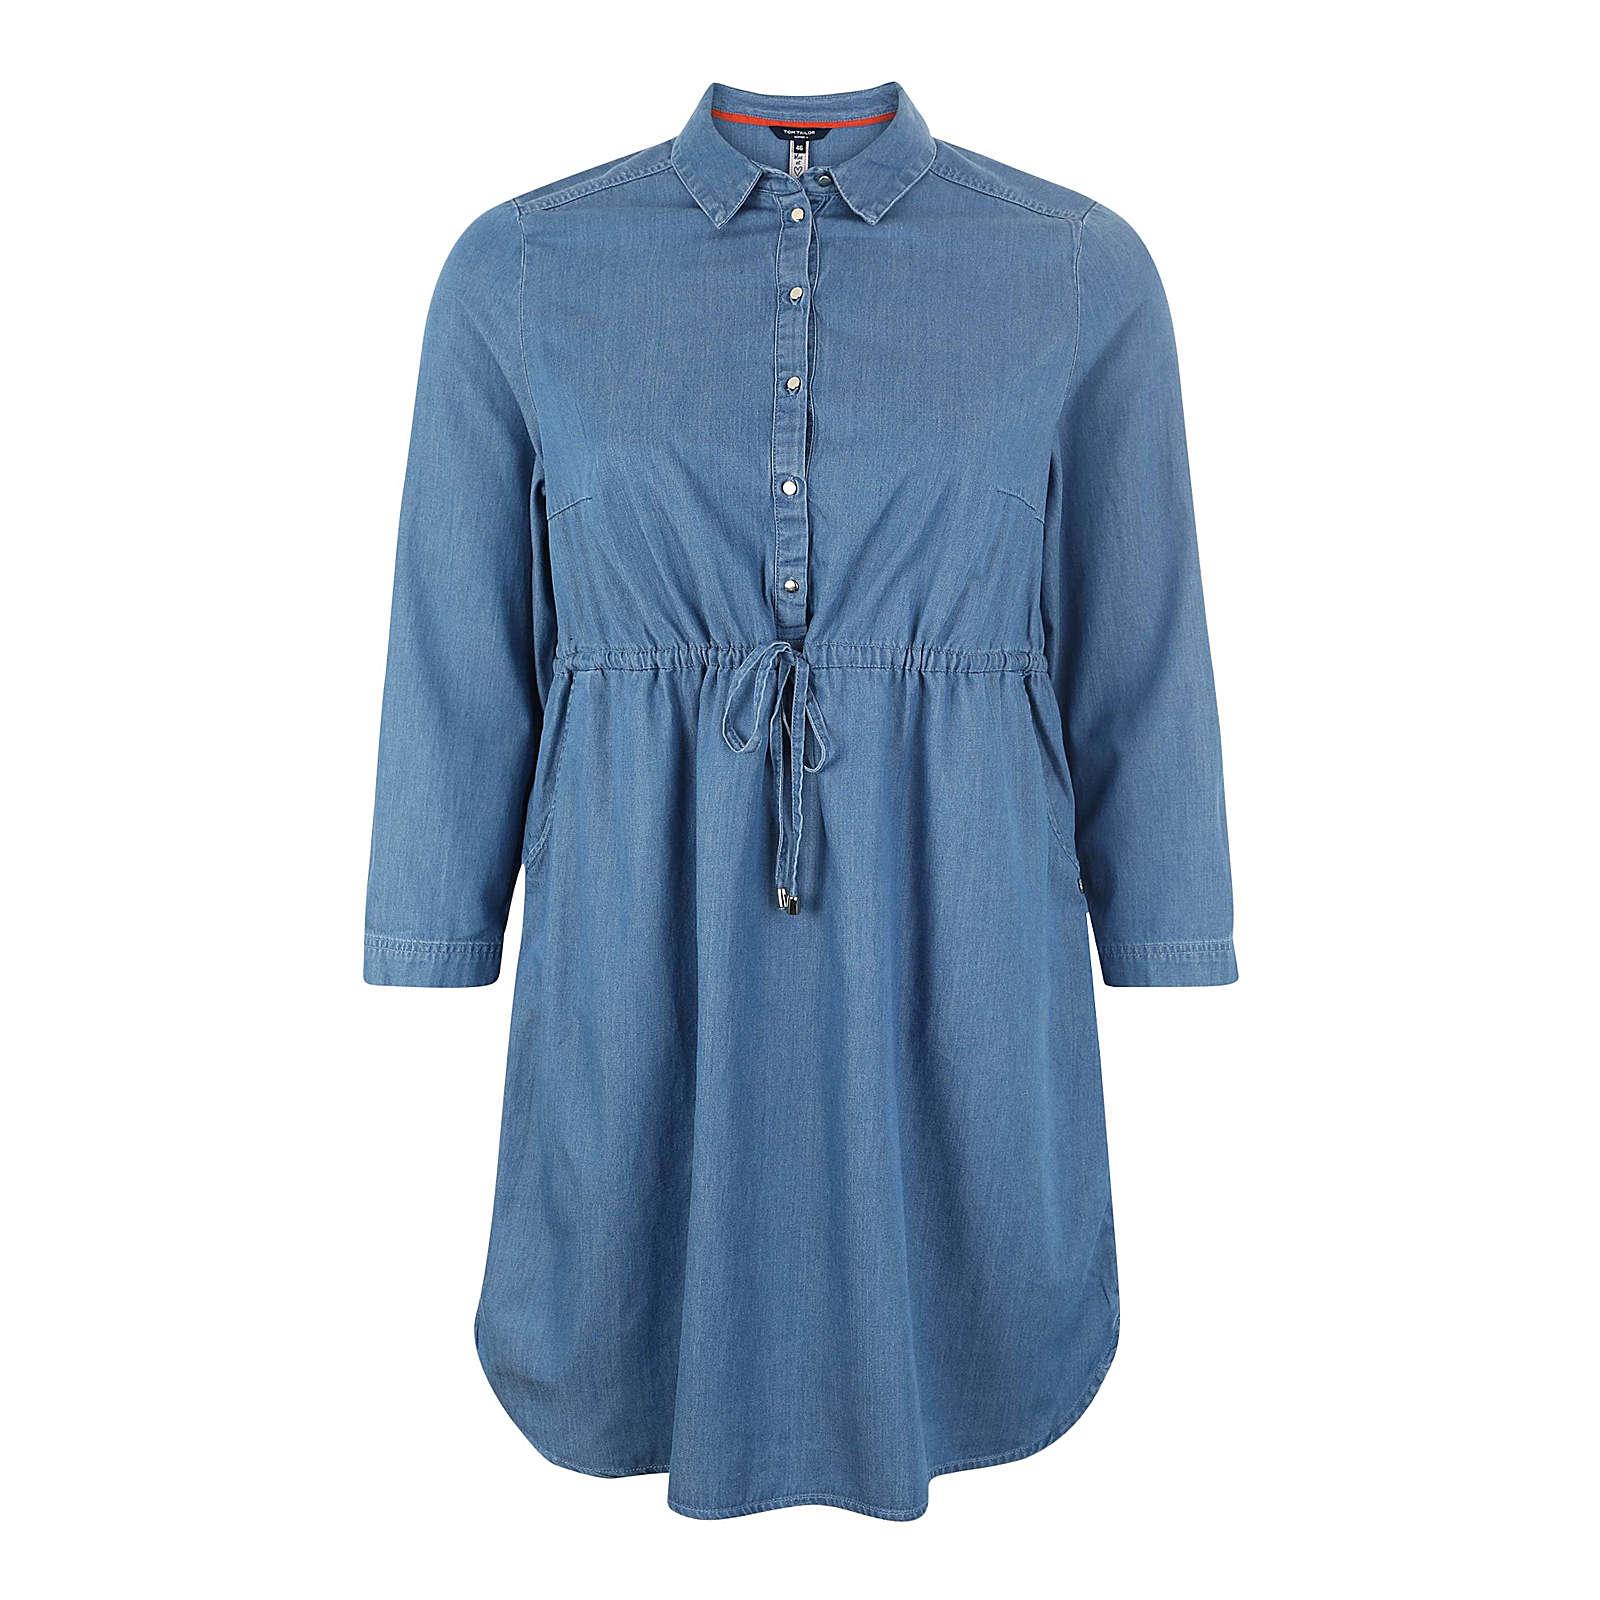 Tom Tailor Women + Blusenkleid Blusenkleider blue denim Damen Gr. 46